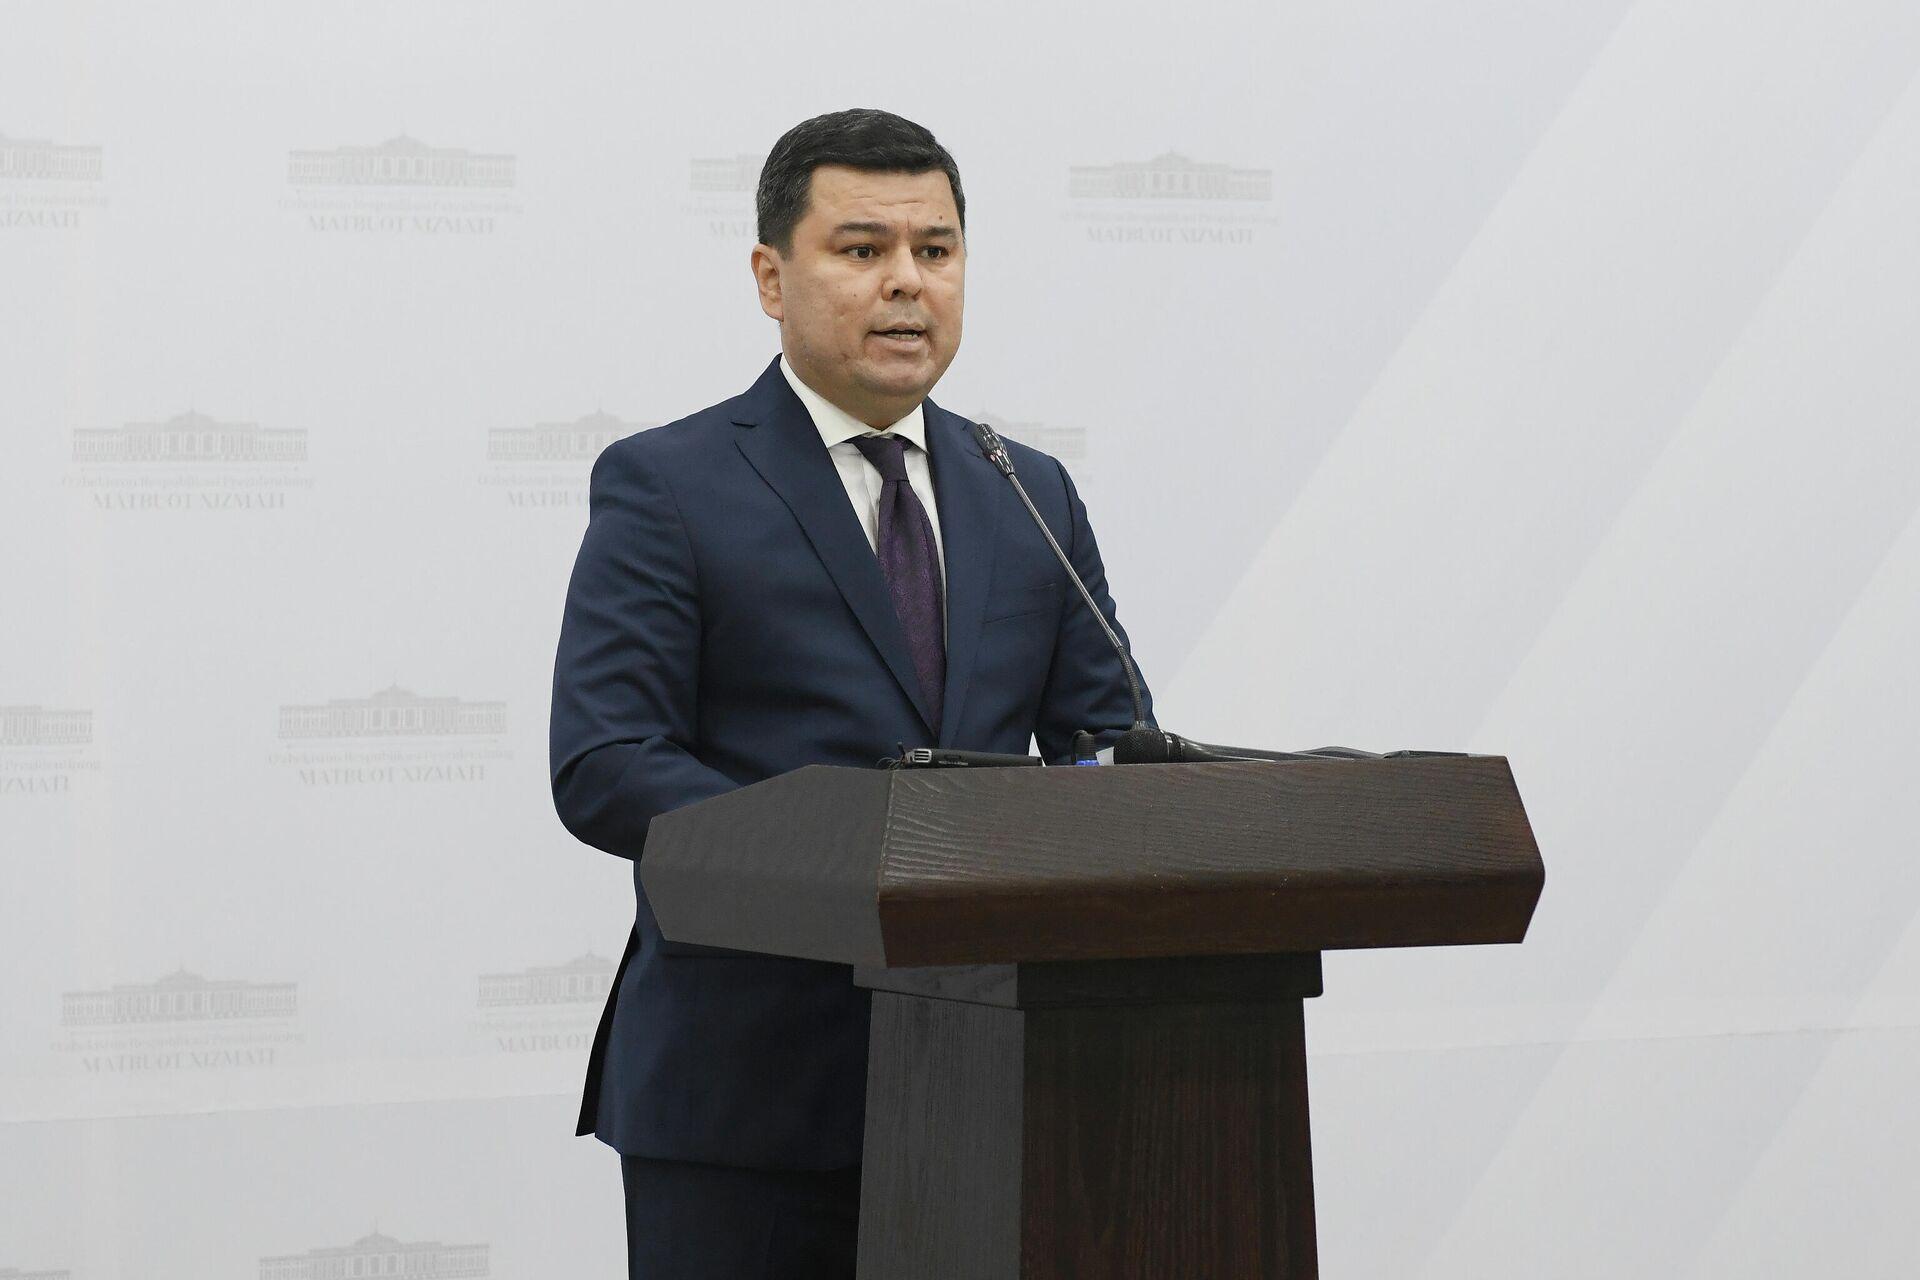 Пресс-секретарь президента Узбекистана Шерзод Асадов - Sputnik Узбекистан, 1920, 29.03.2021